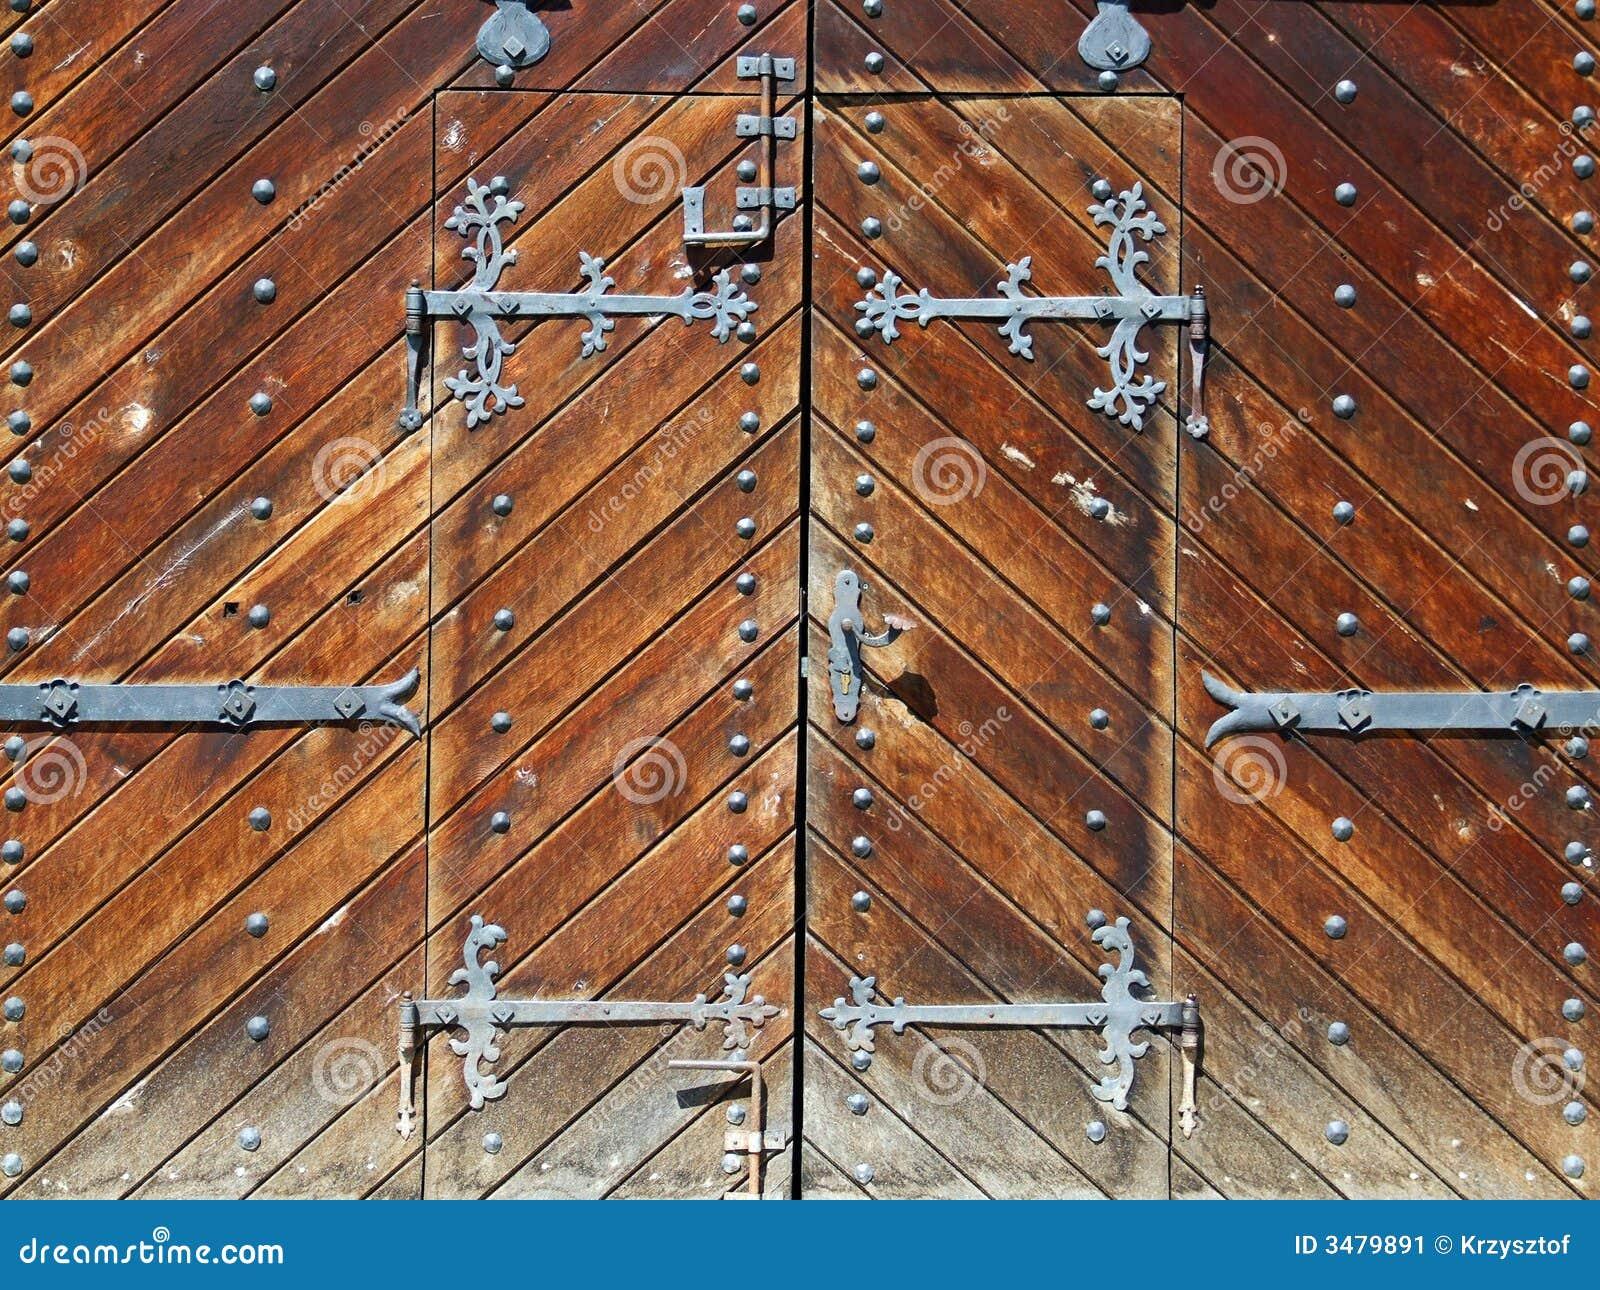 edificio madera medieval puerta